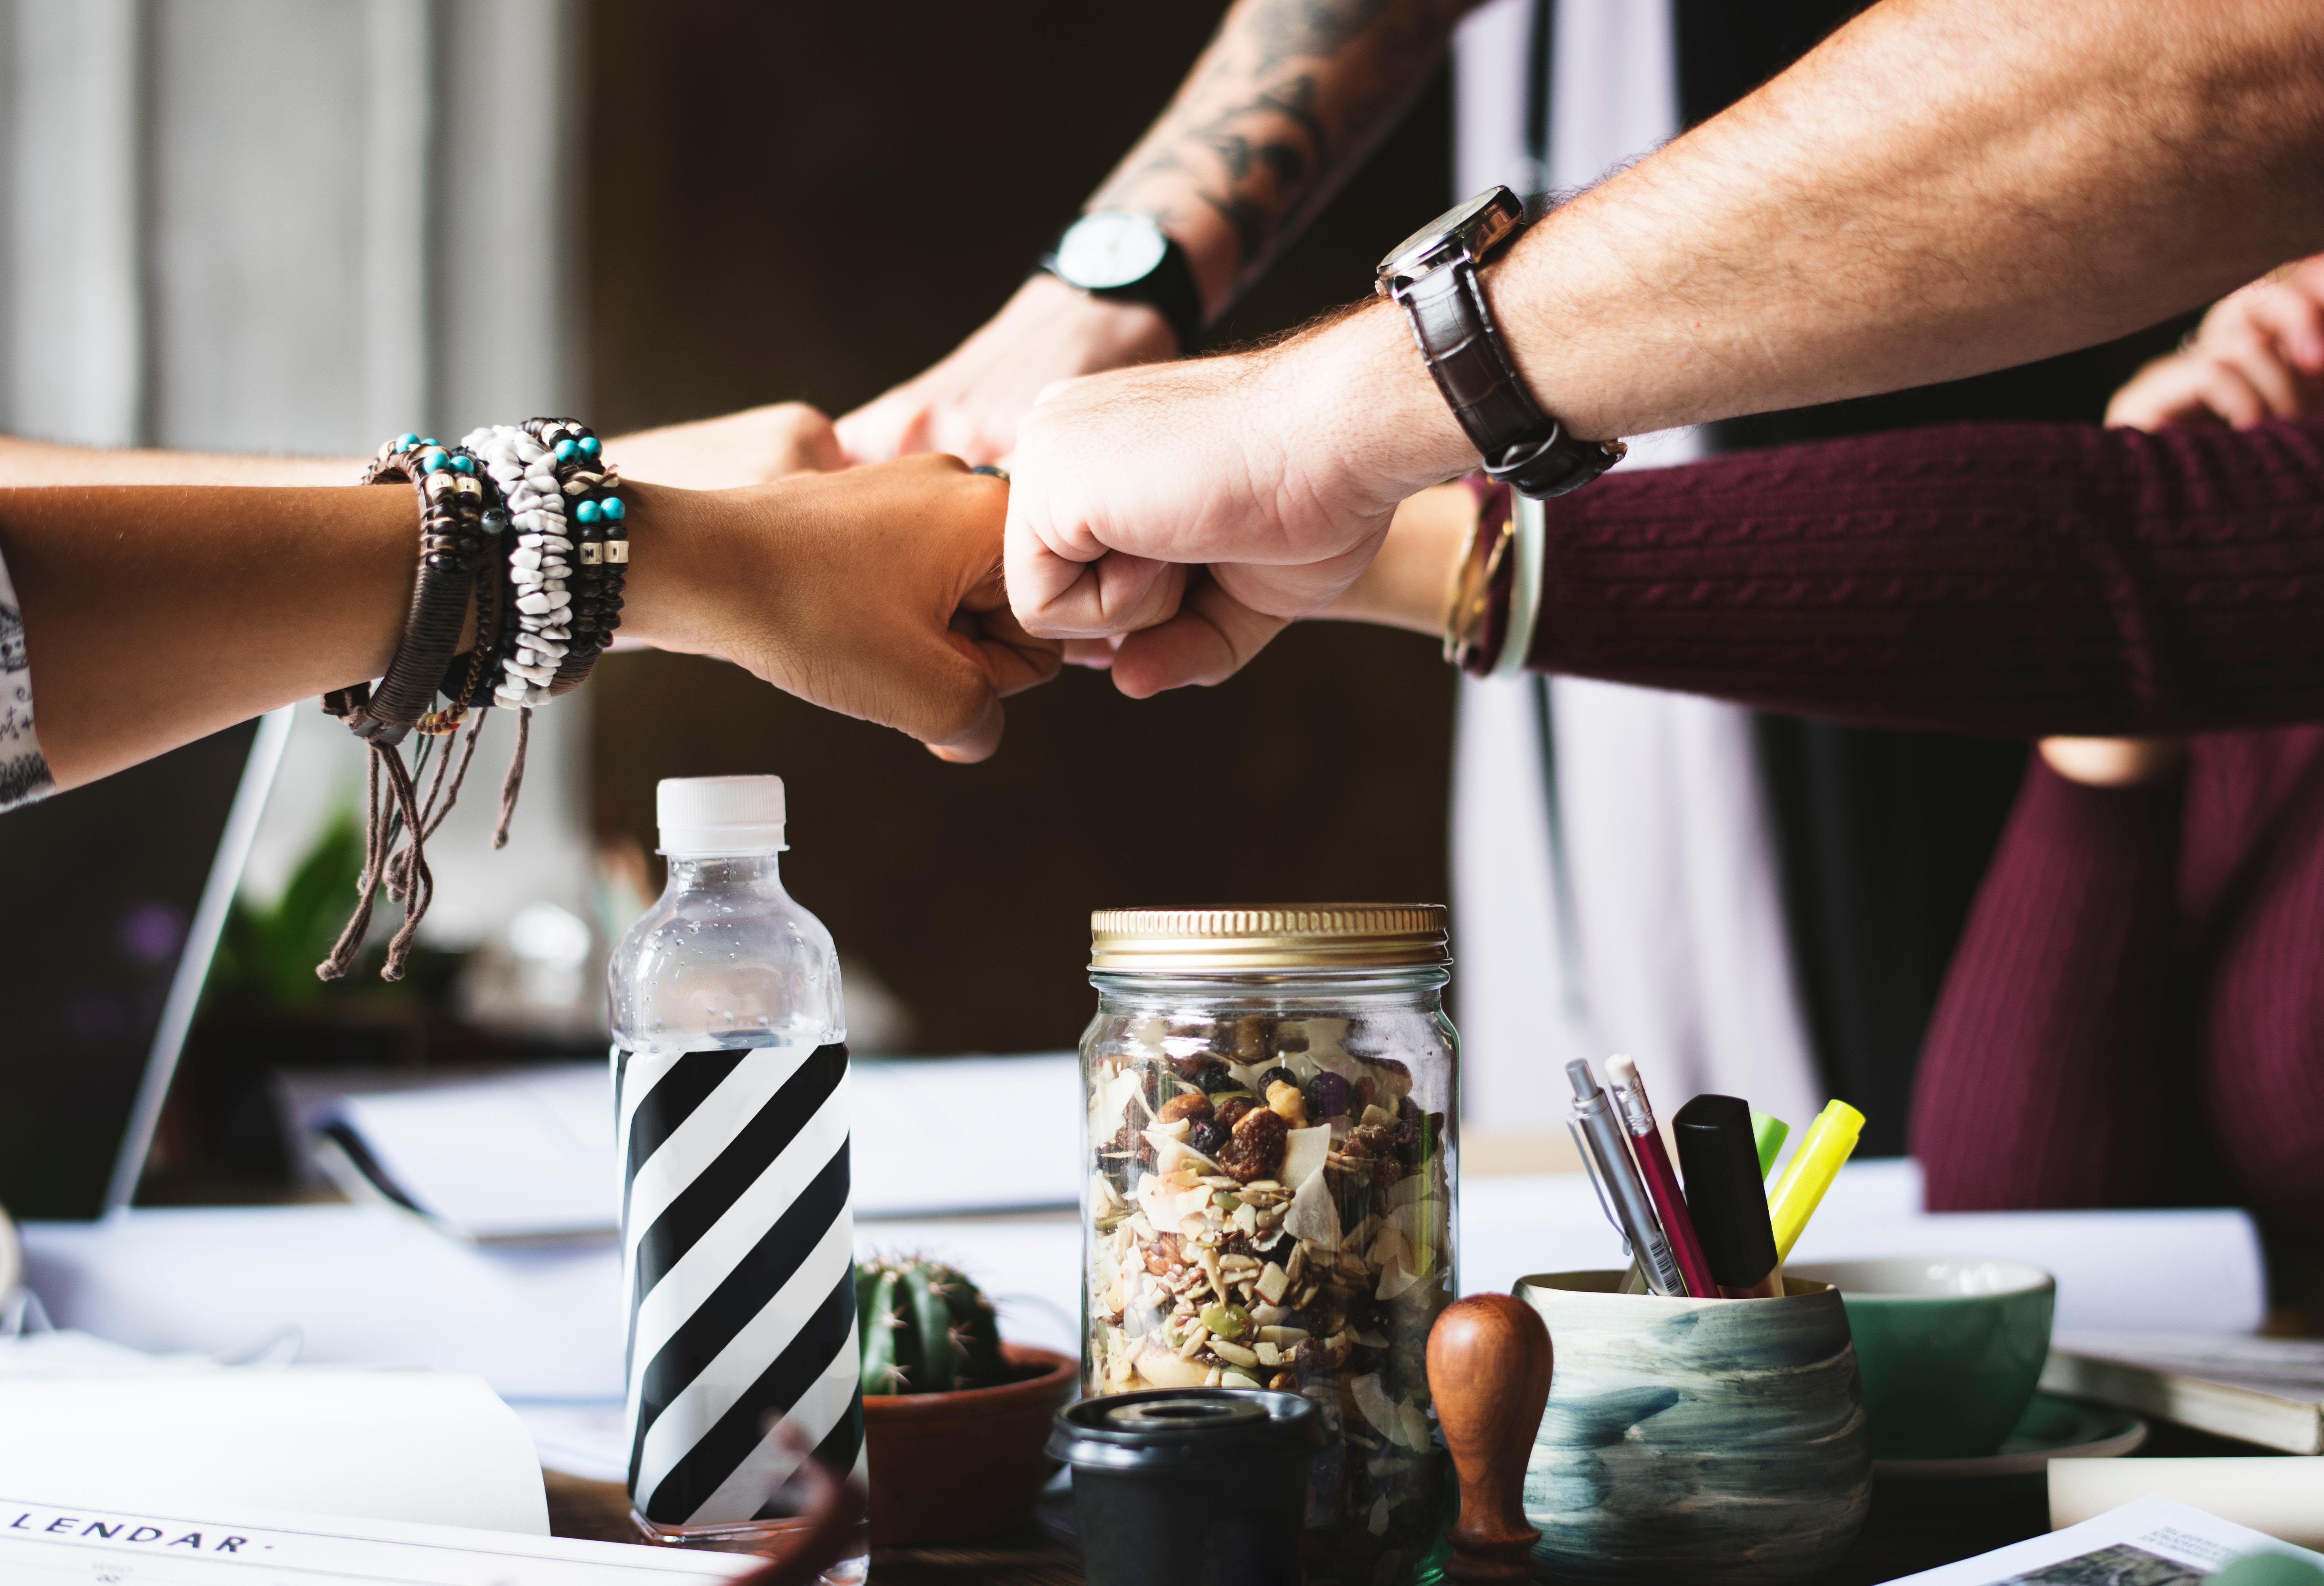 ソーシャルメディアのマーケティング計画を成功させる方法 (1) - Transeed Blog